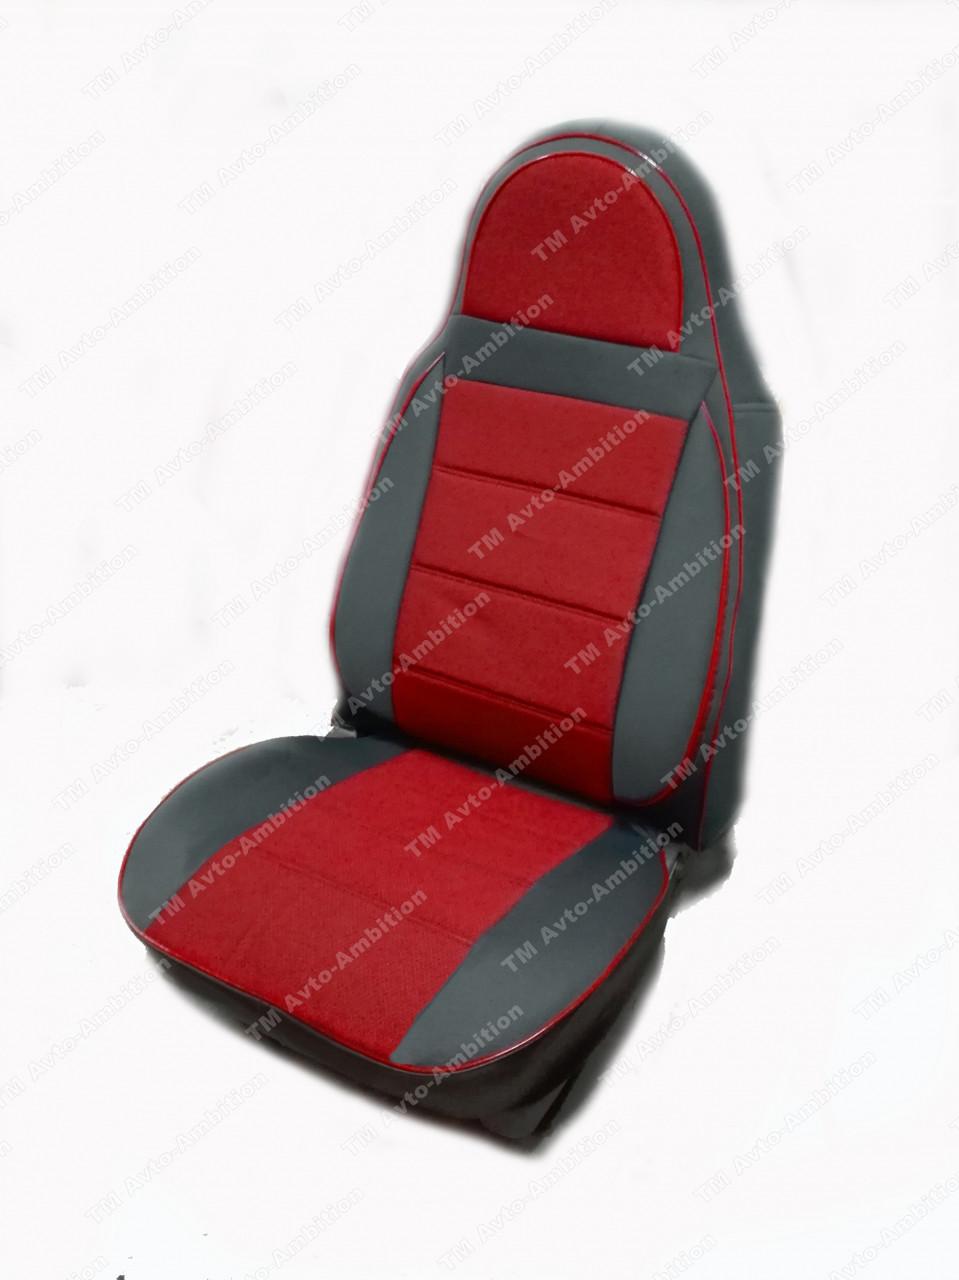 Красные Чехлы на сиденья из кожзама , Автоткани, экокожа, Комбинированные, пилоты ВАЗ 2105